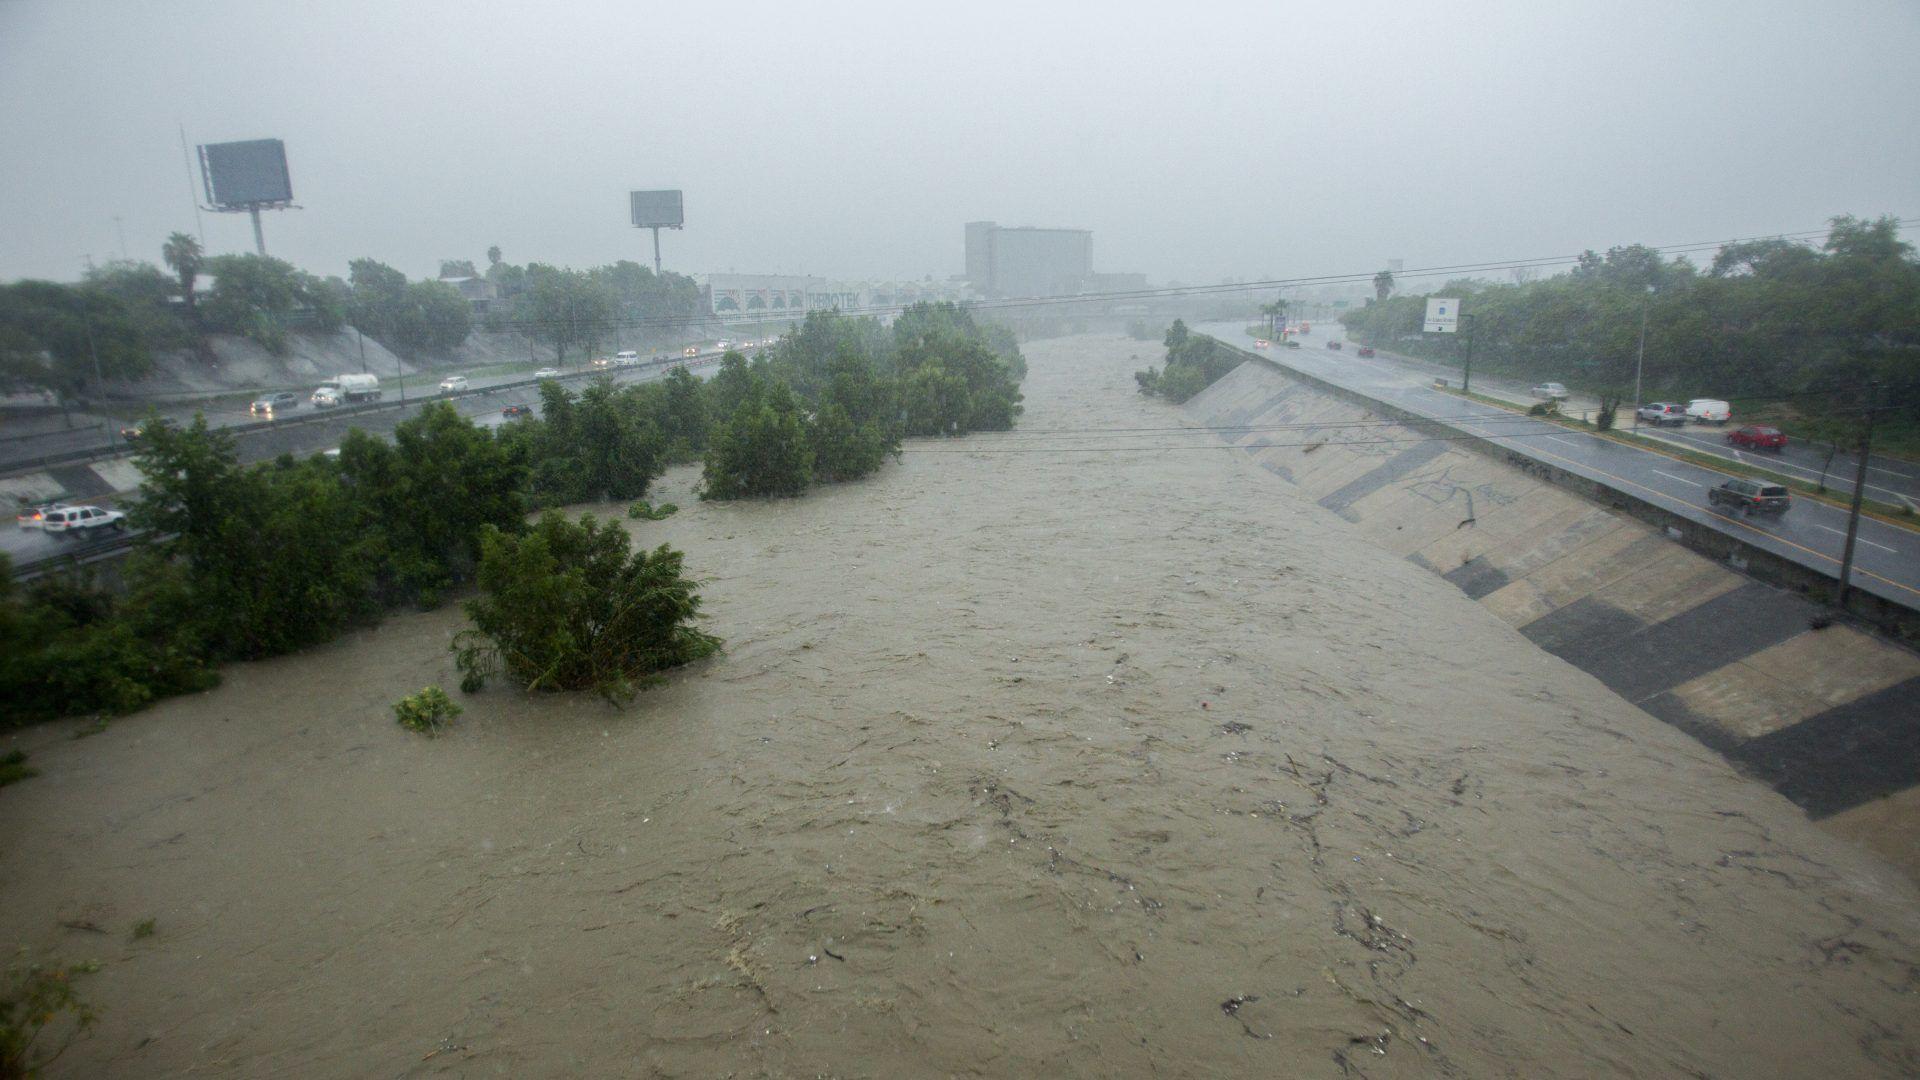 El caudal del río Santa Catarina ha crecido debido a las precipitaciones ocasionadas por la tormenta tropical Fernand (Foto: Cuartoscuro)